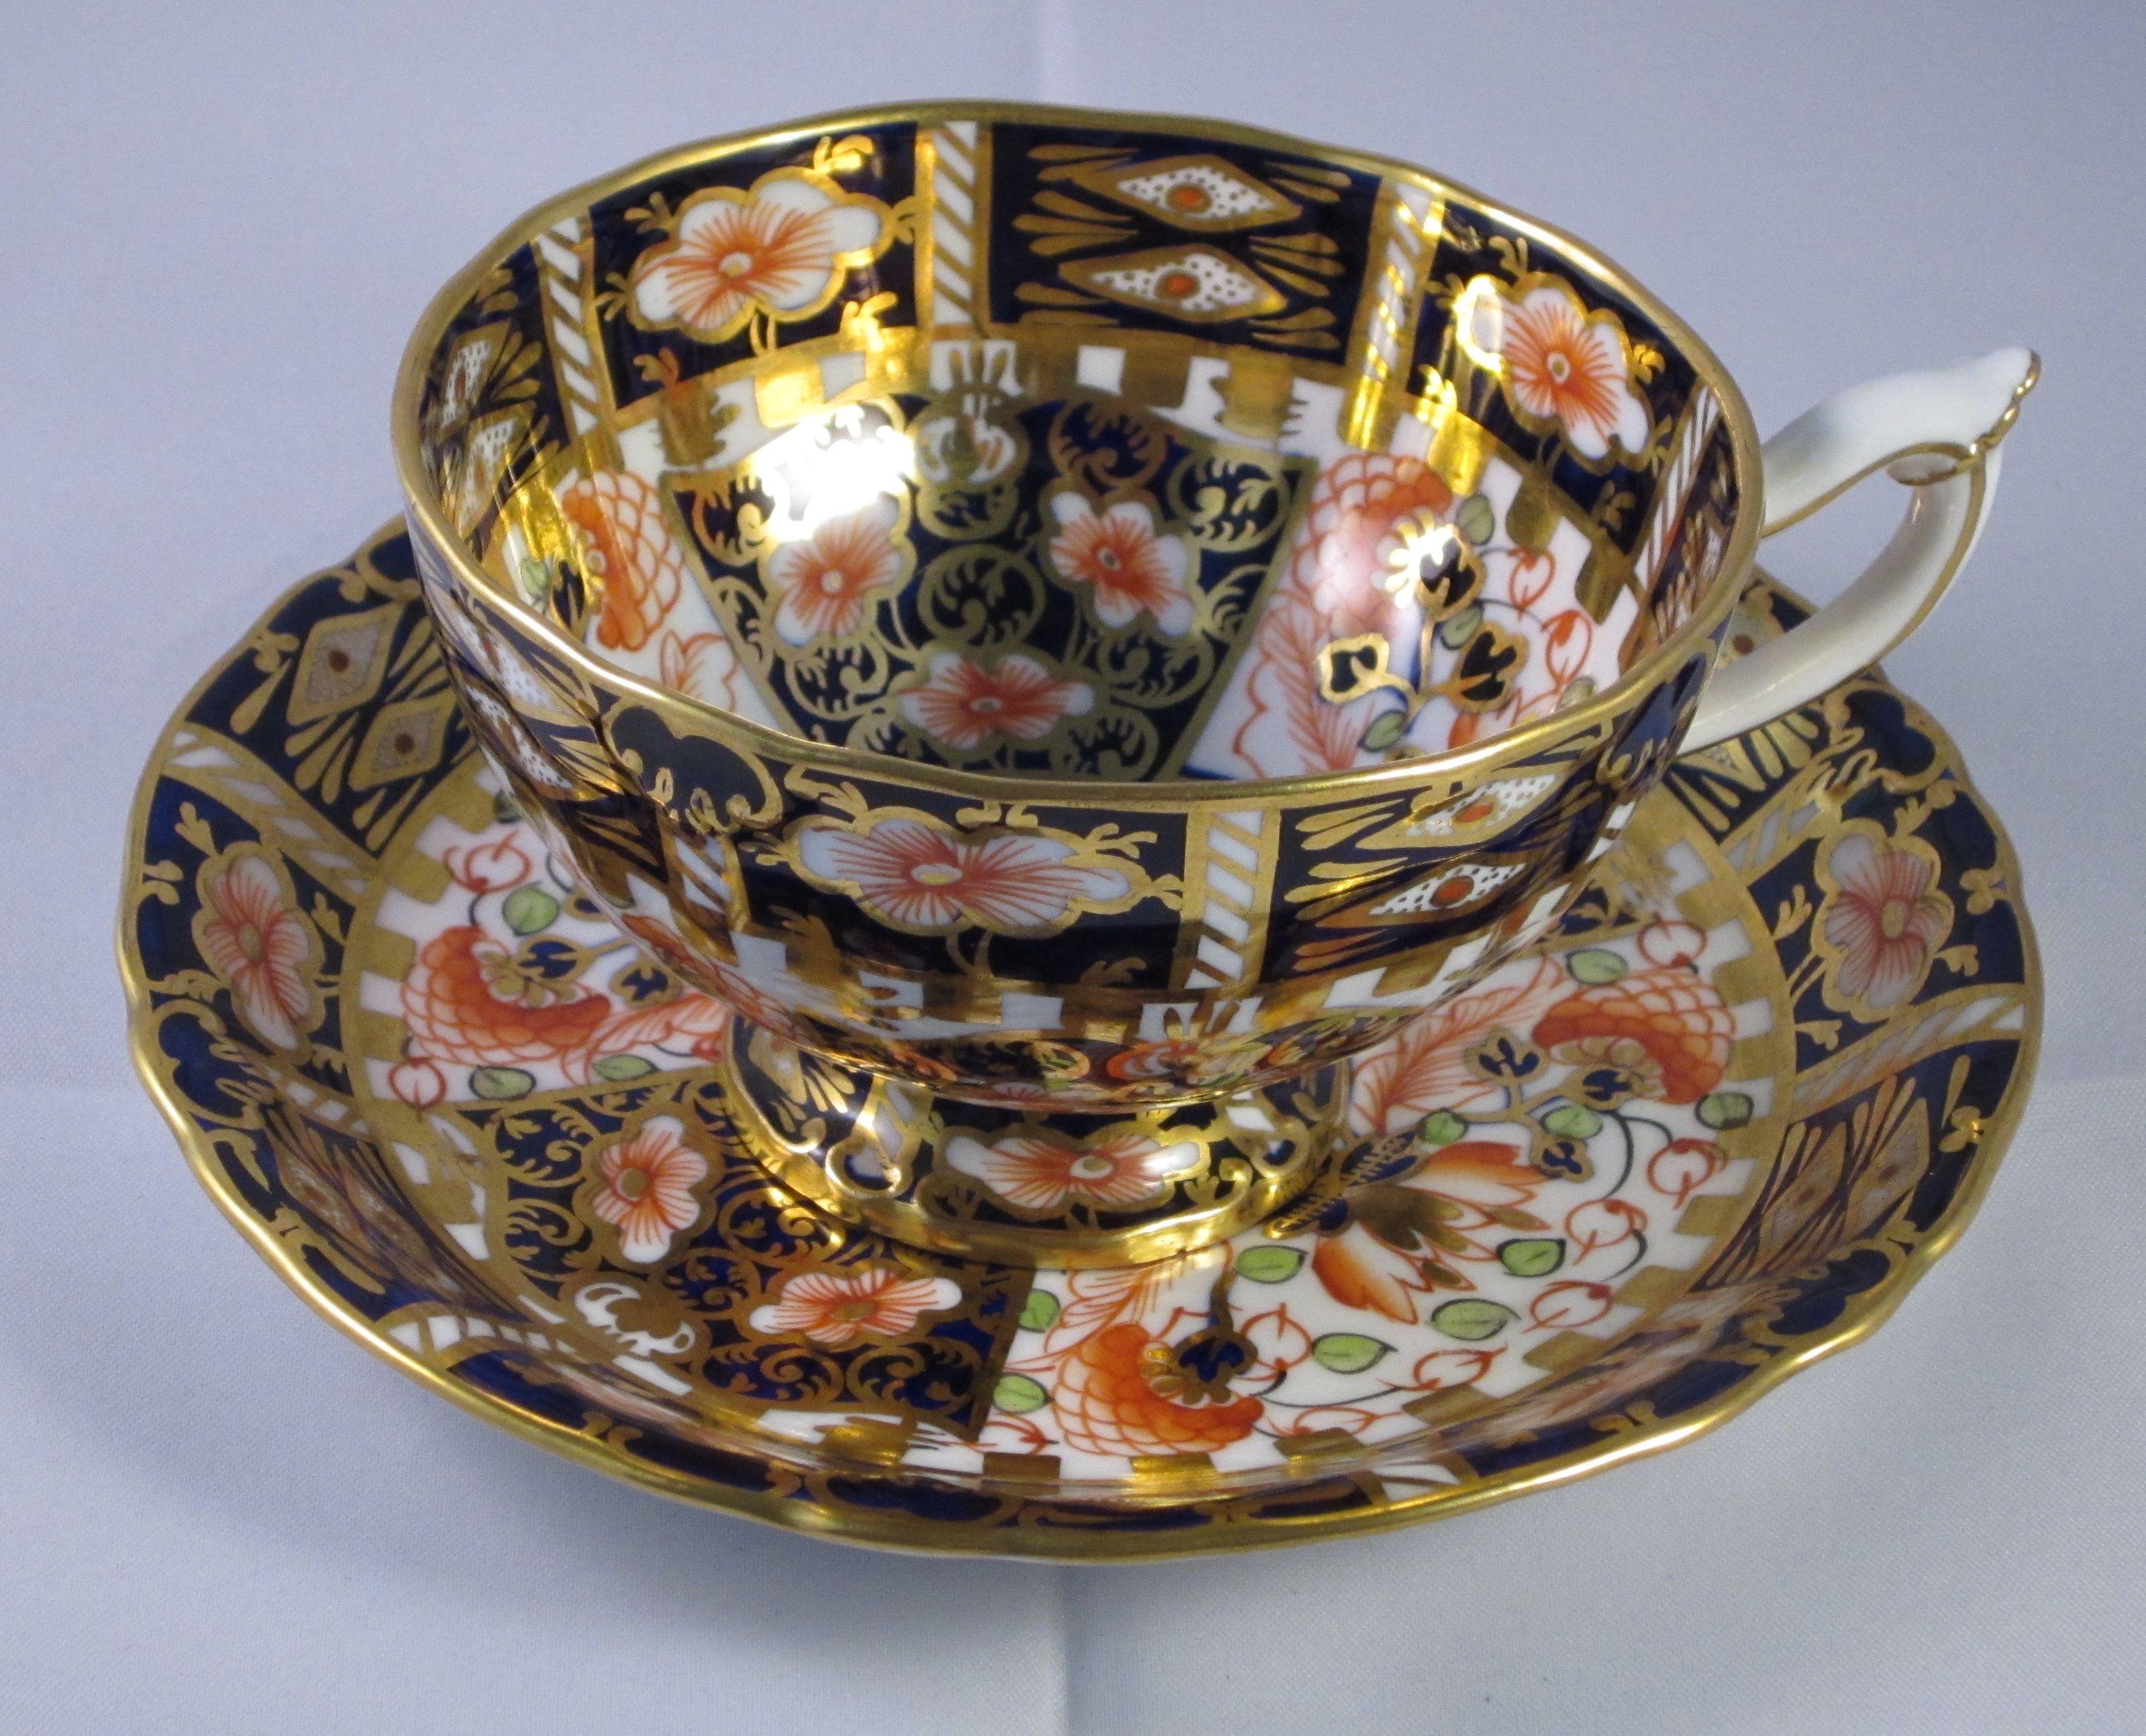 Royal Crown Derby Imari Tea Cup And Saucer Decoracion Japonesa Tazas Decoracion De Unas